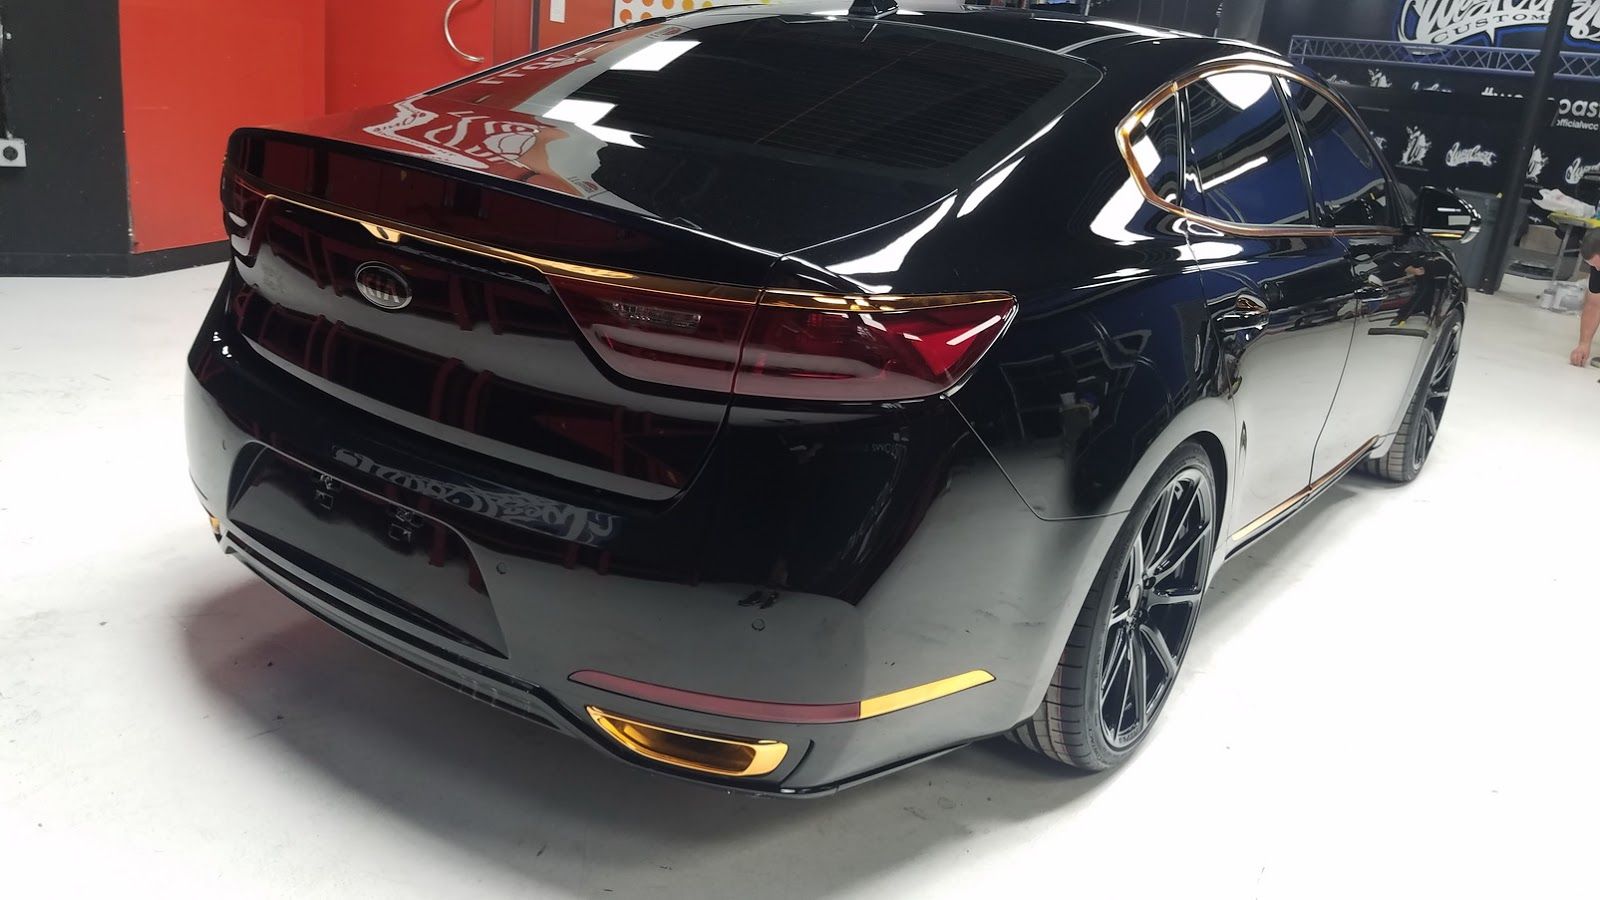 kia-sema-2017-show-cars-22